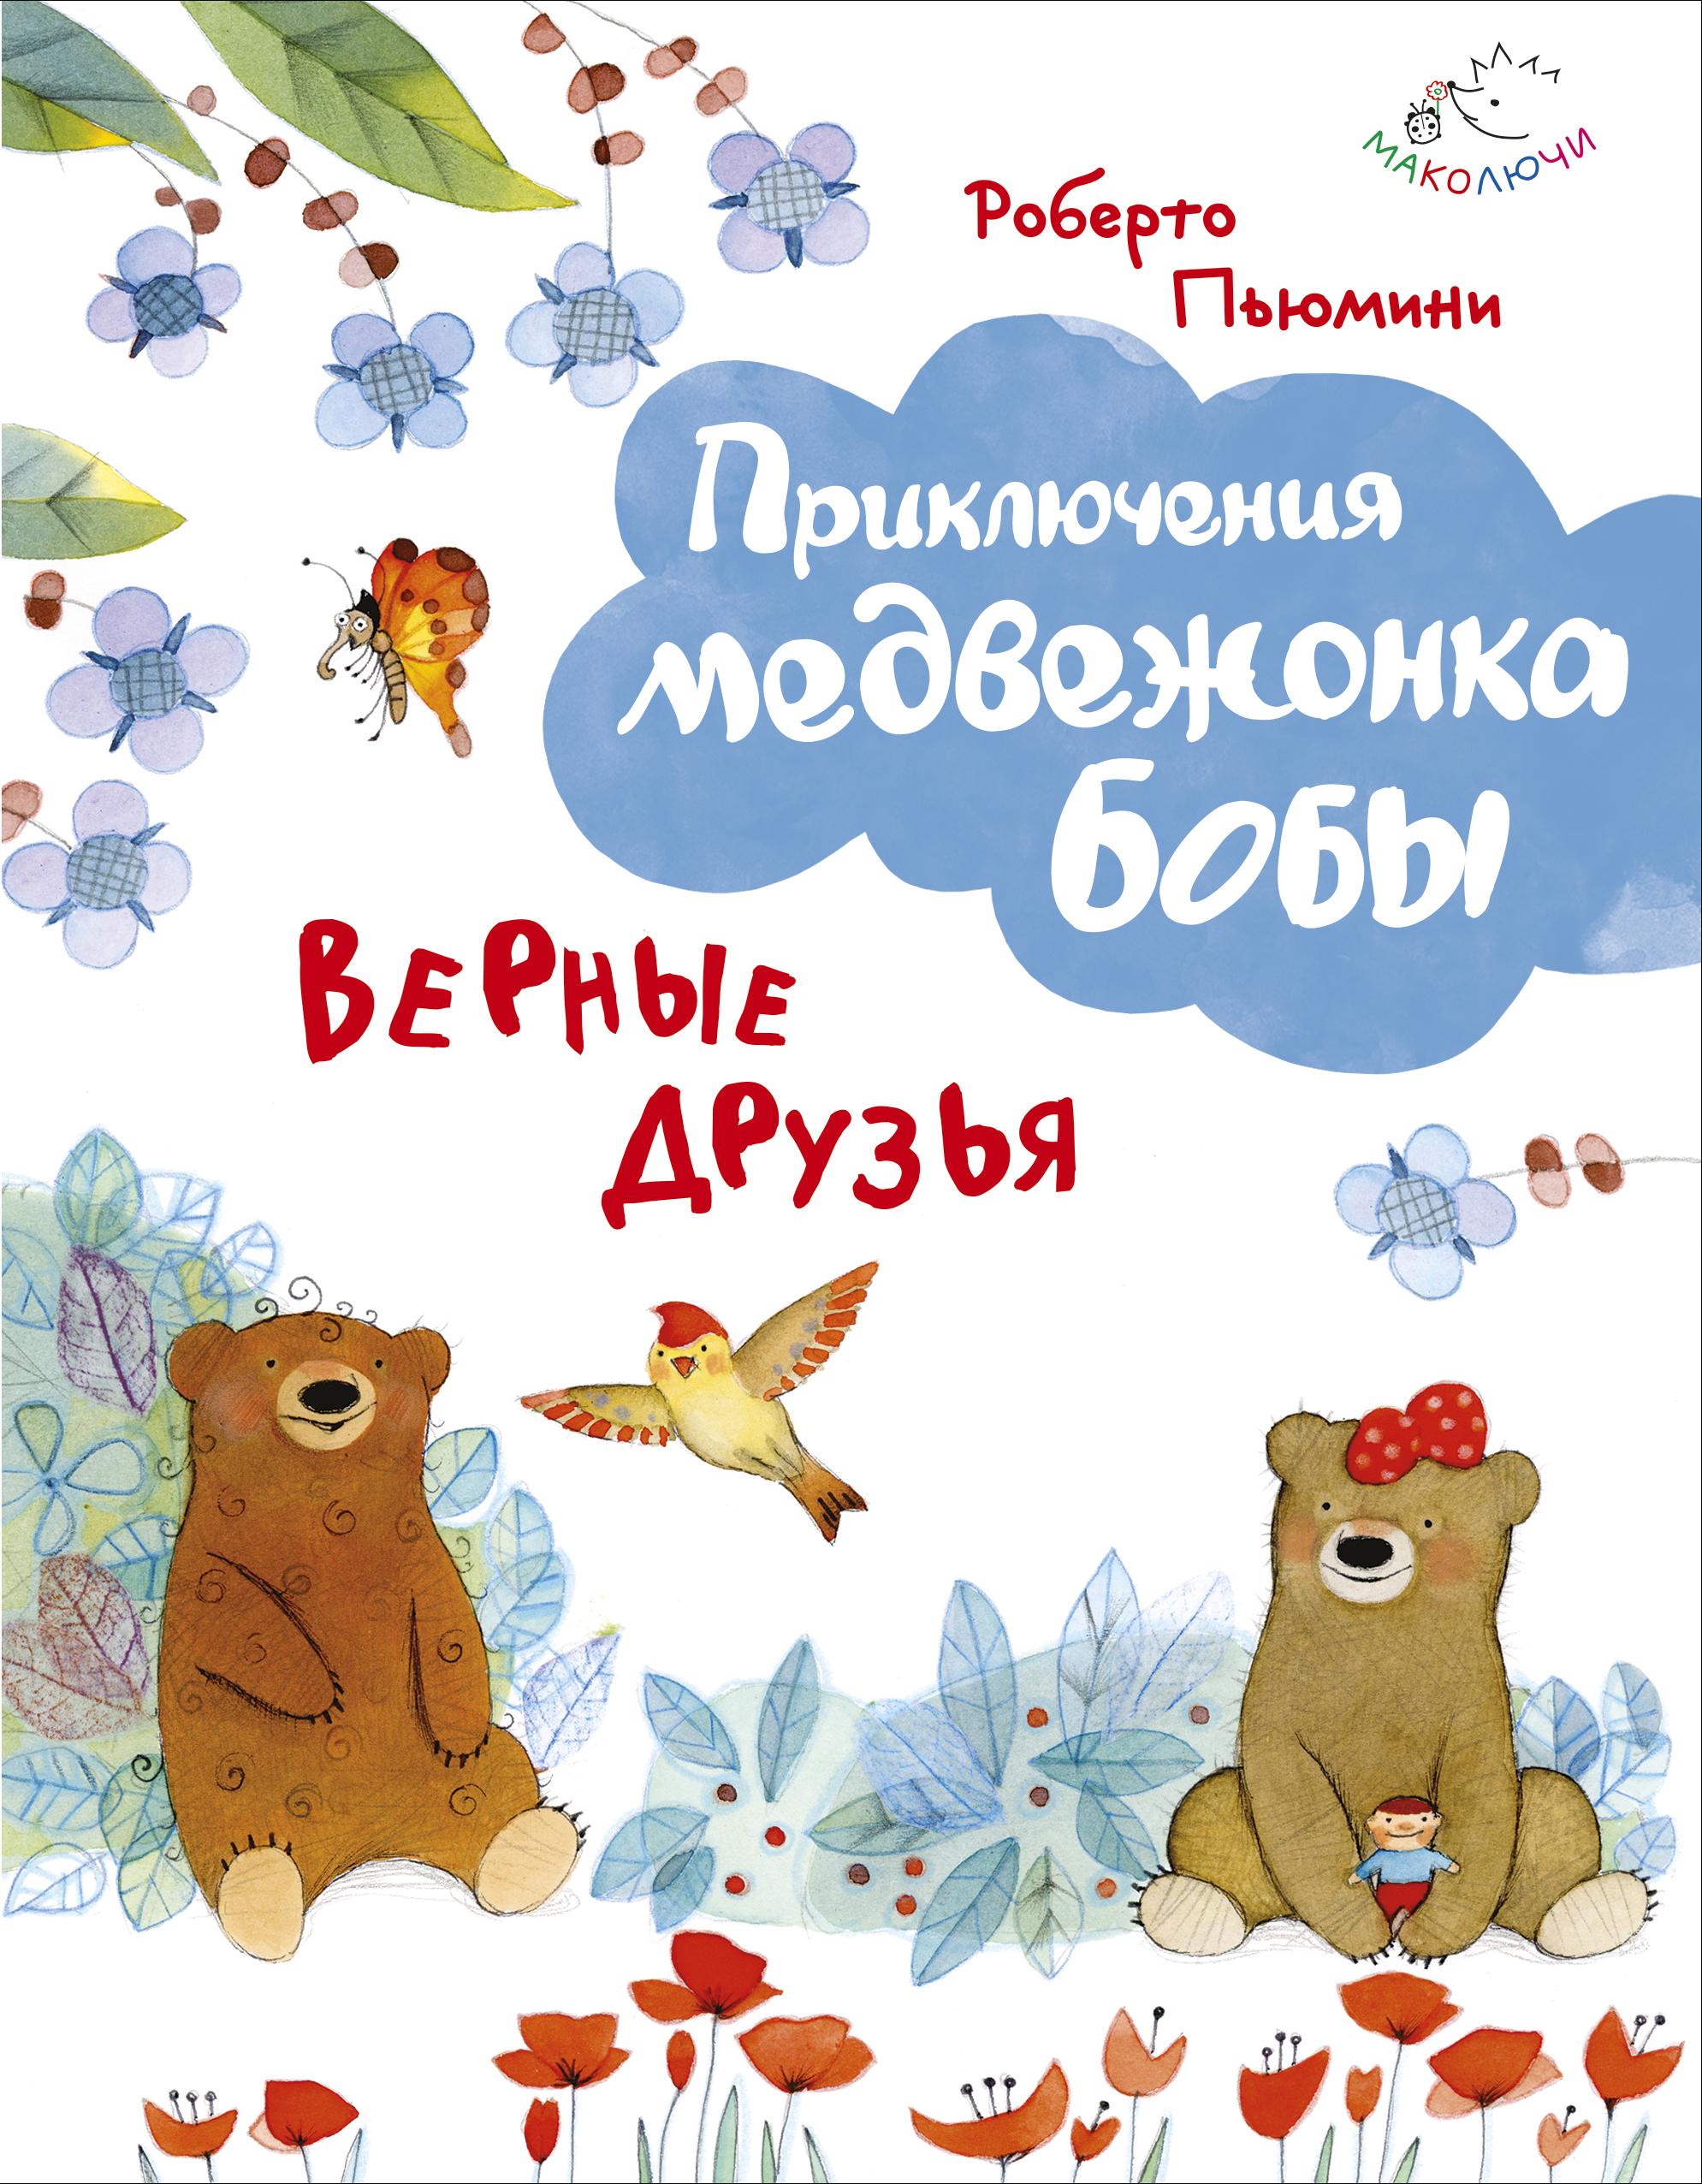 купить Роберто Пьюмини Верные друзья (ил. А. Курти) по цене 264 рублей